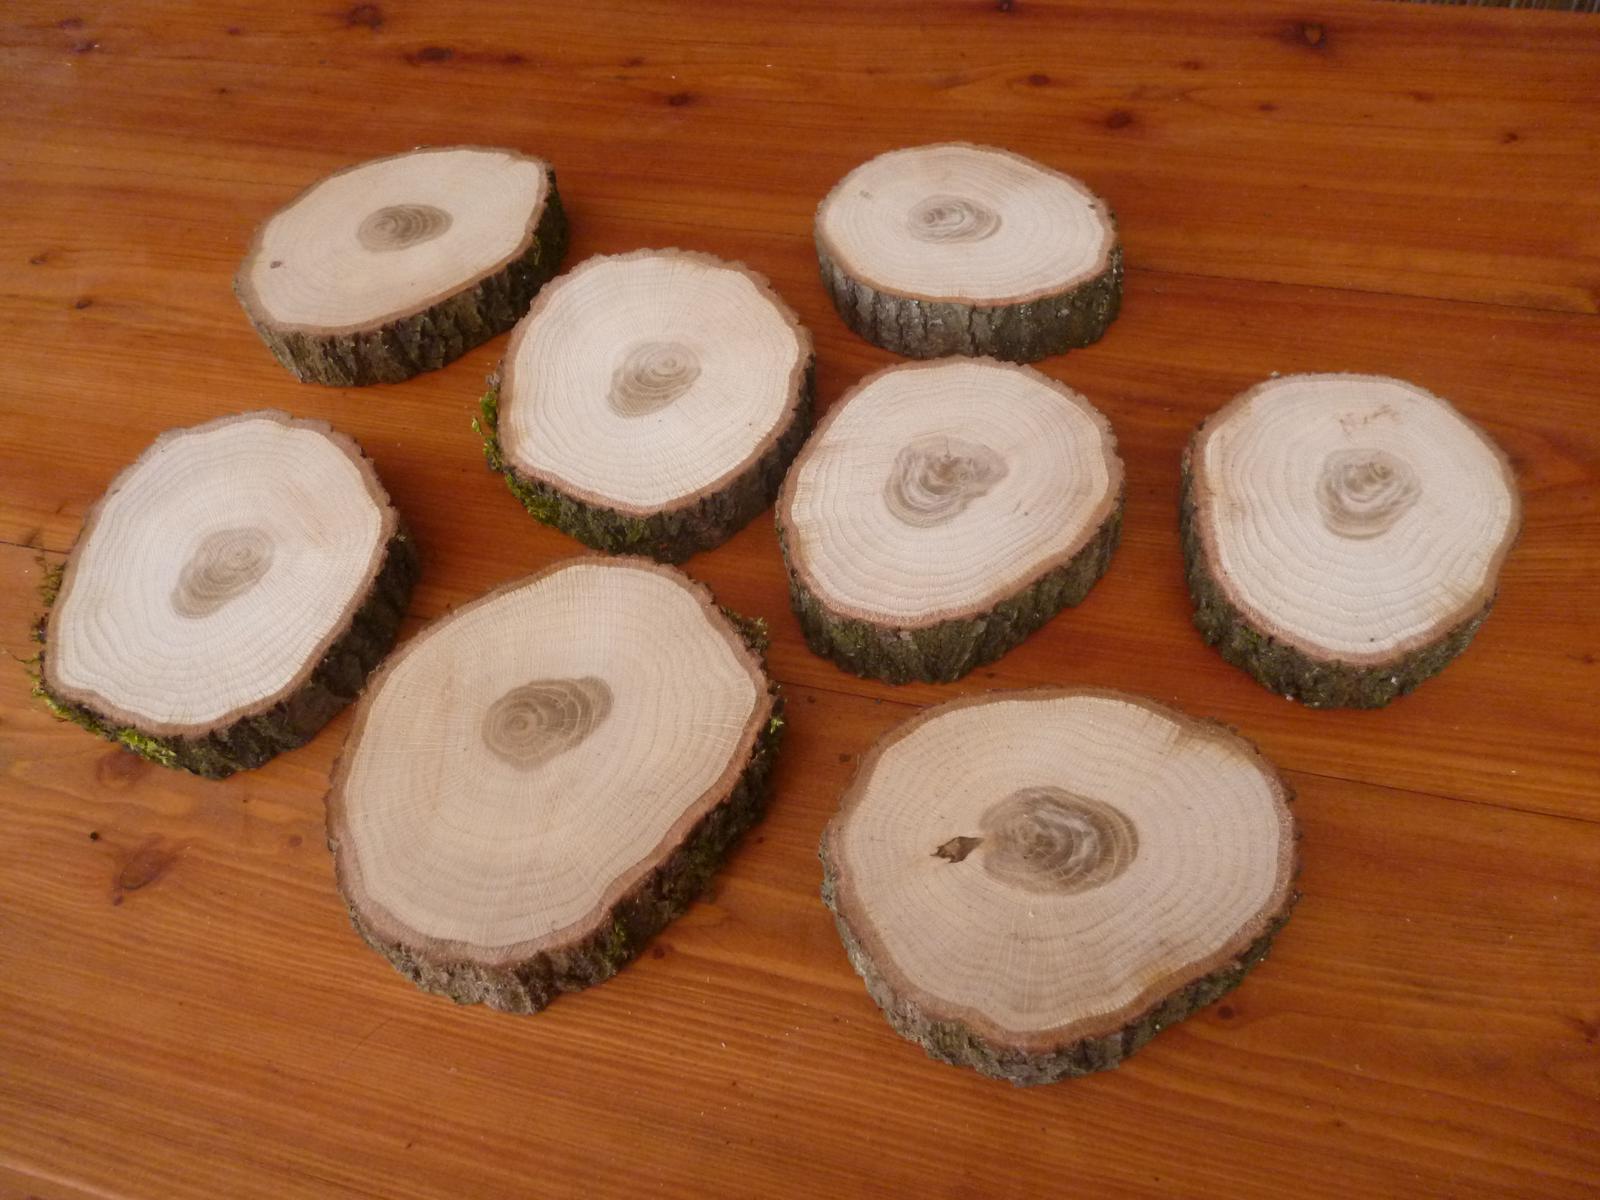 Kulatiny dubové - Obrázek č. 1